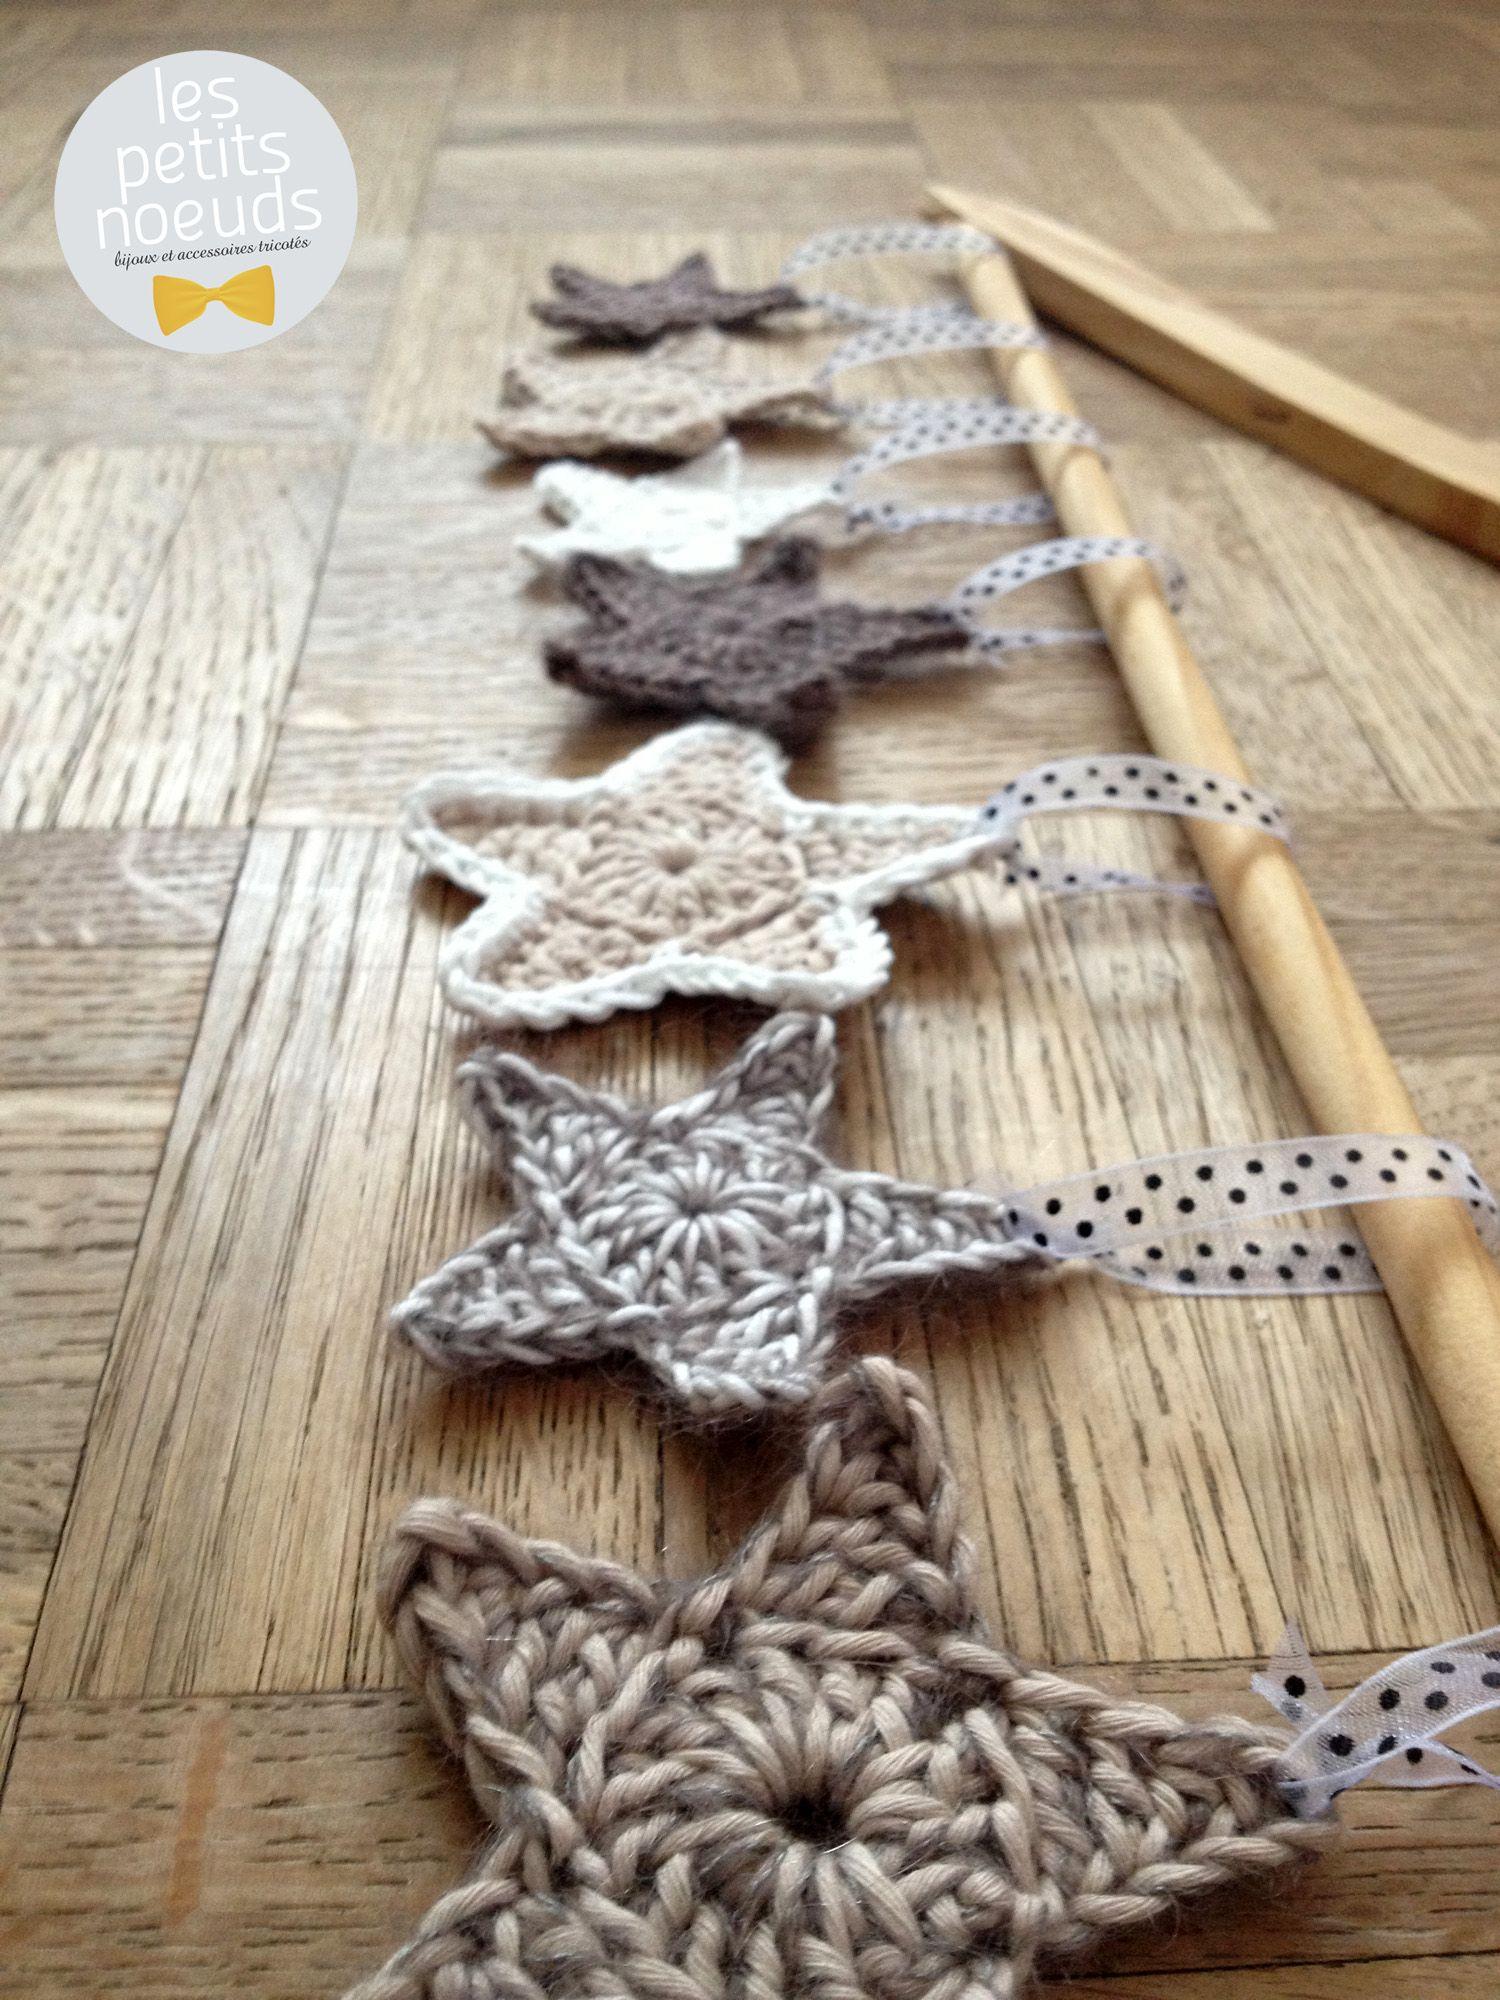 Etoiles de noel au crochet ornaments crochet crochet decoration crochet garland - Decoration au crochet ...